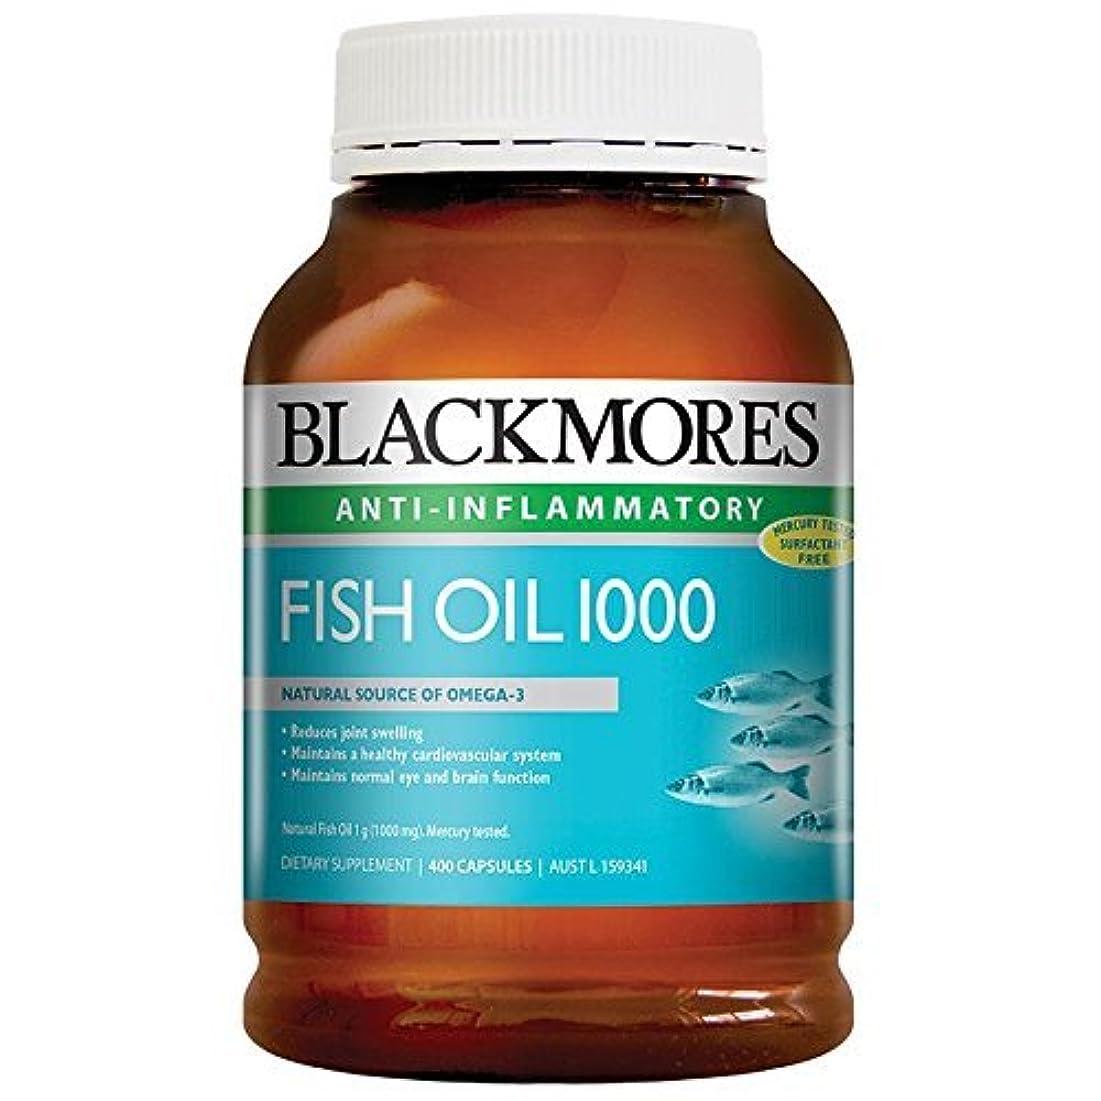 復活させるストレンジャー翻訳するBlackmores Fish Oil 400 Caps 1000 Omega3 Dha, EPA Fatty Acids with 1pcs Chinese Knot Gift by Blackmores LTD